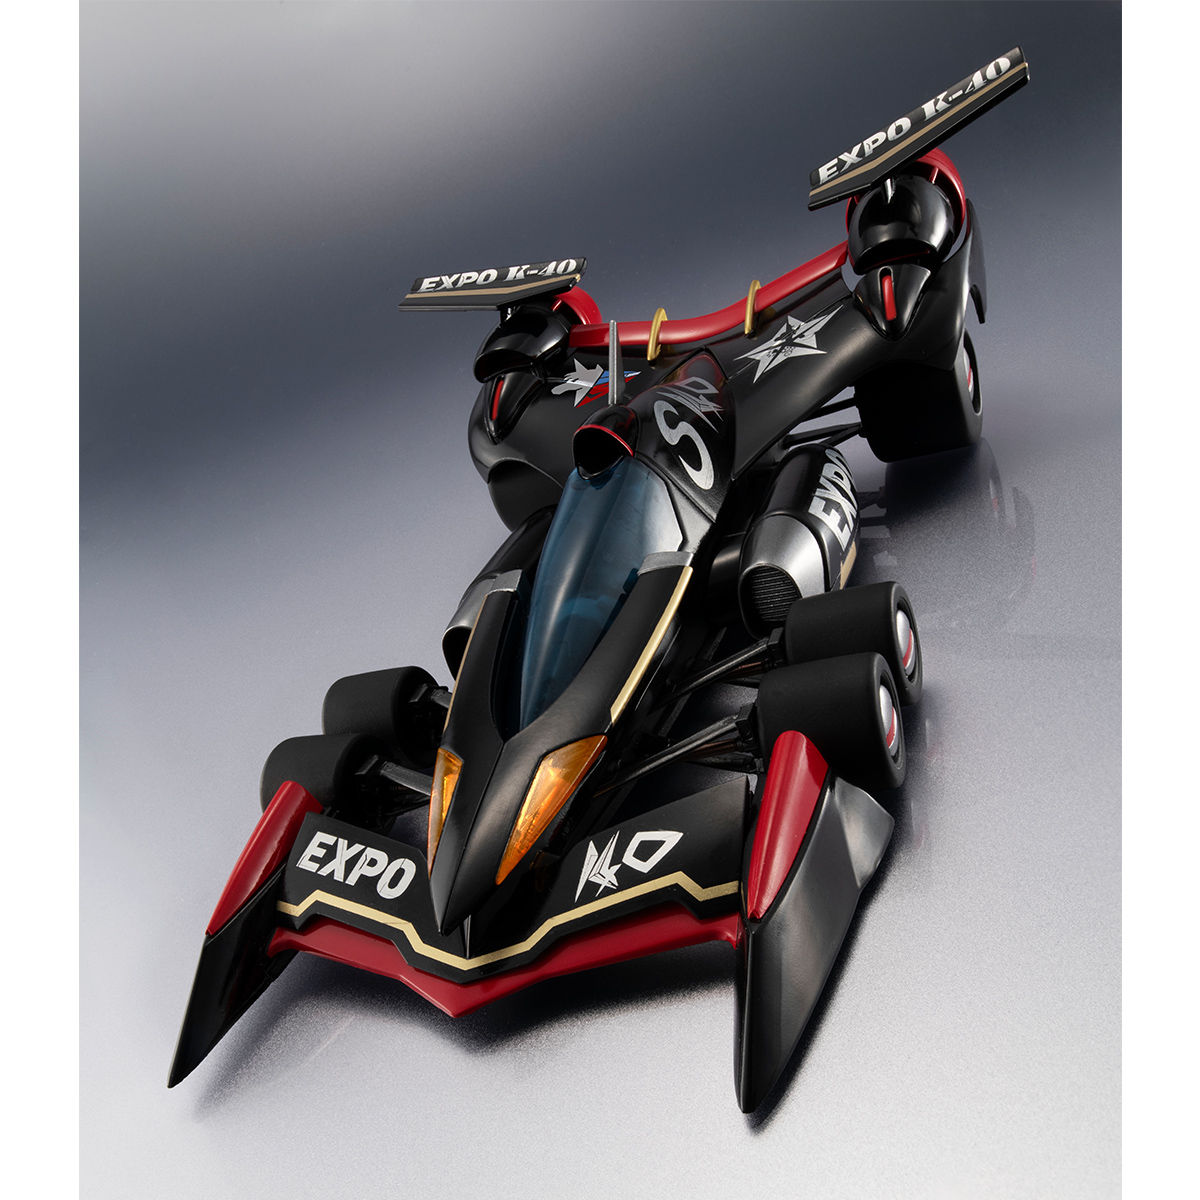 ヴァリアブルアクション『スーパーアスラーダ AKF-11/K-40 limited ver.』新世紀GPXサイバーフォーミュラ 可動モデル-004